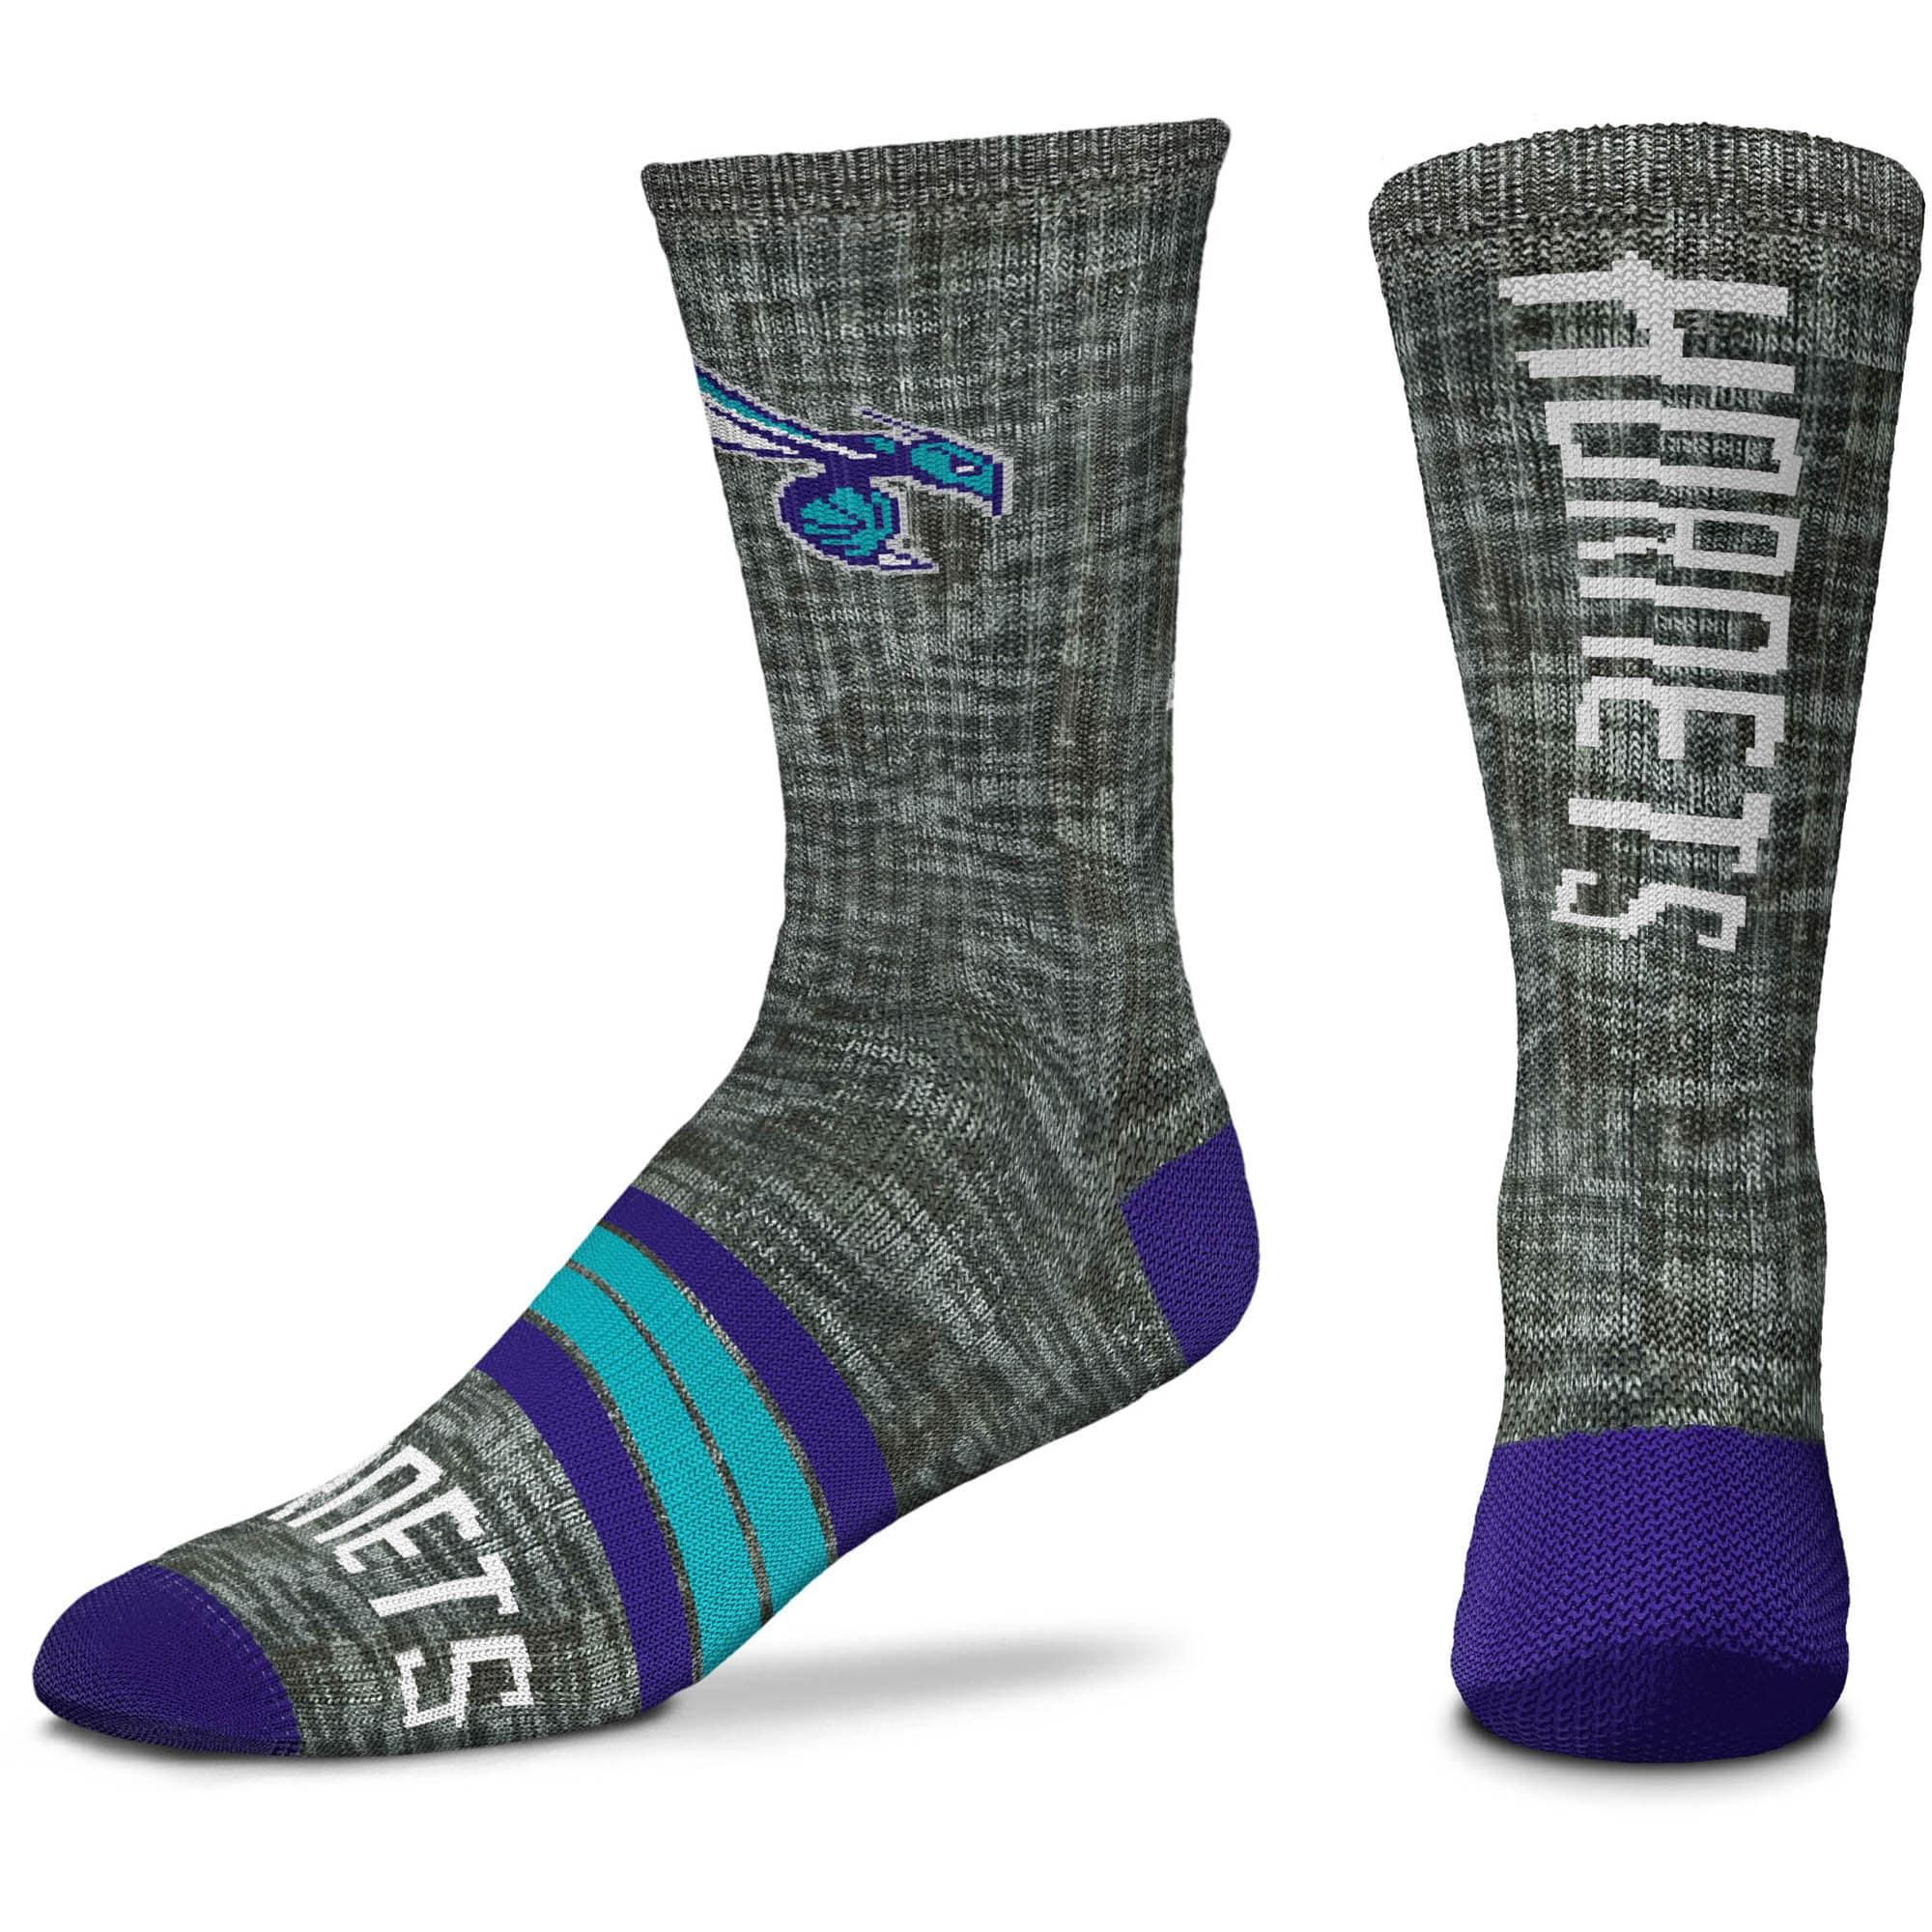 Charlotte Hornets For Bare Feet Quad Crew Socks